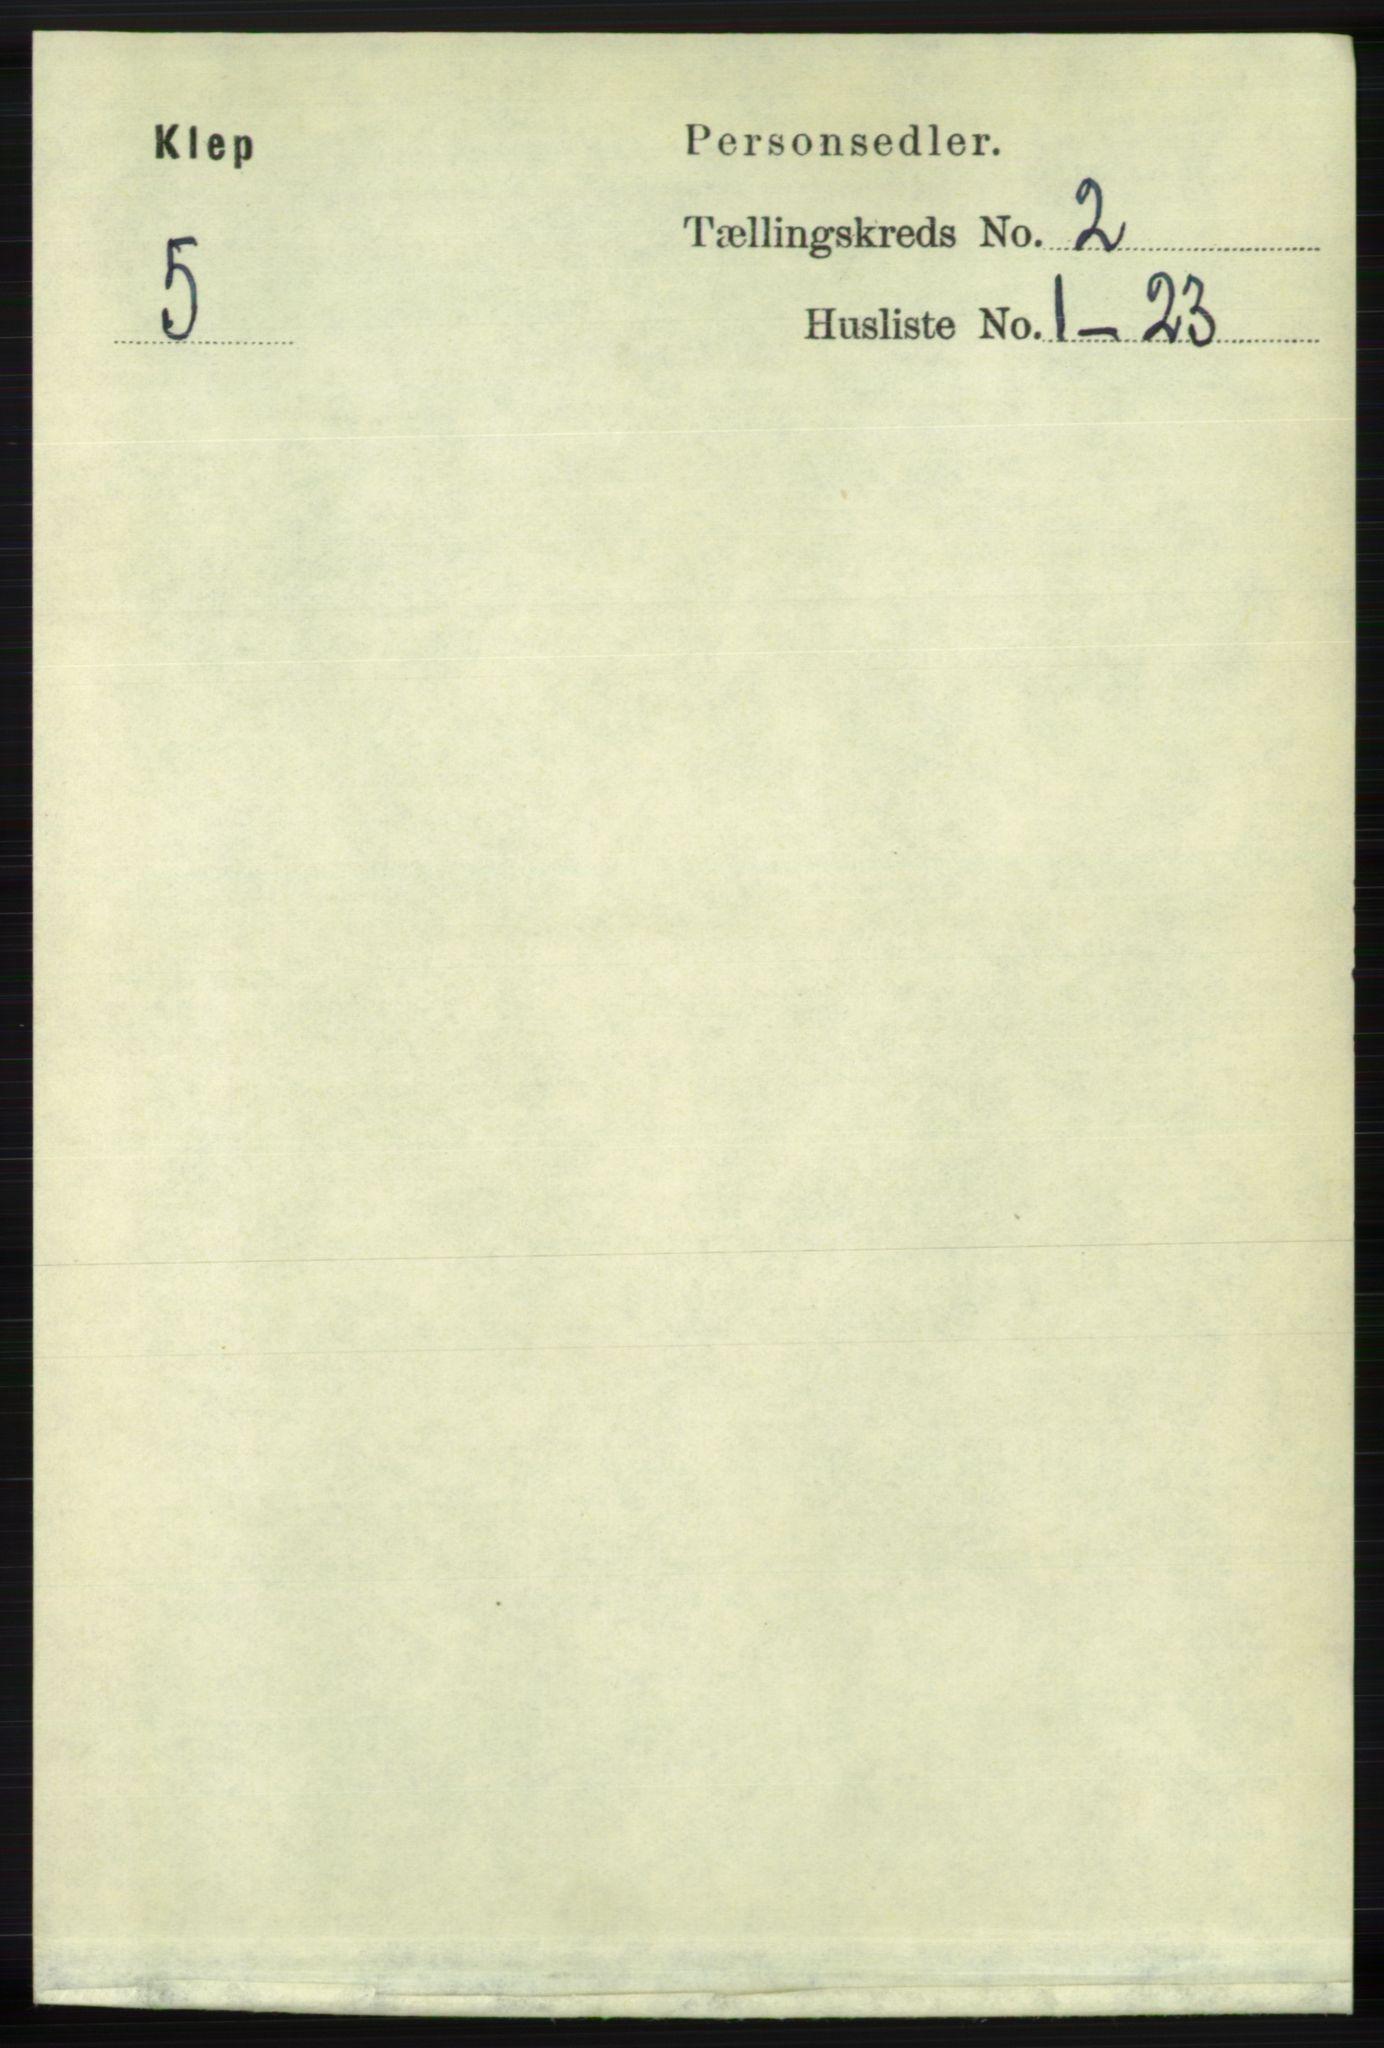 RA, Folketelling 1891 for 1120 Klepp herred, 1891, s. 358